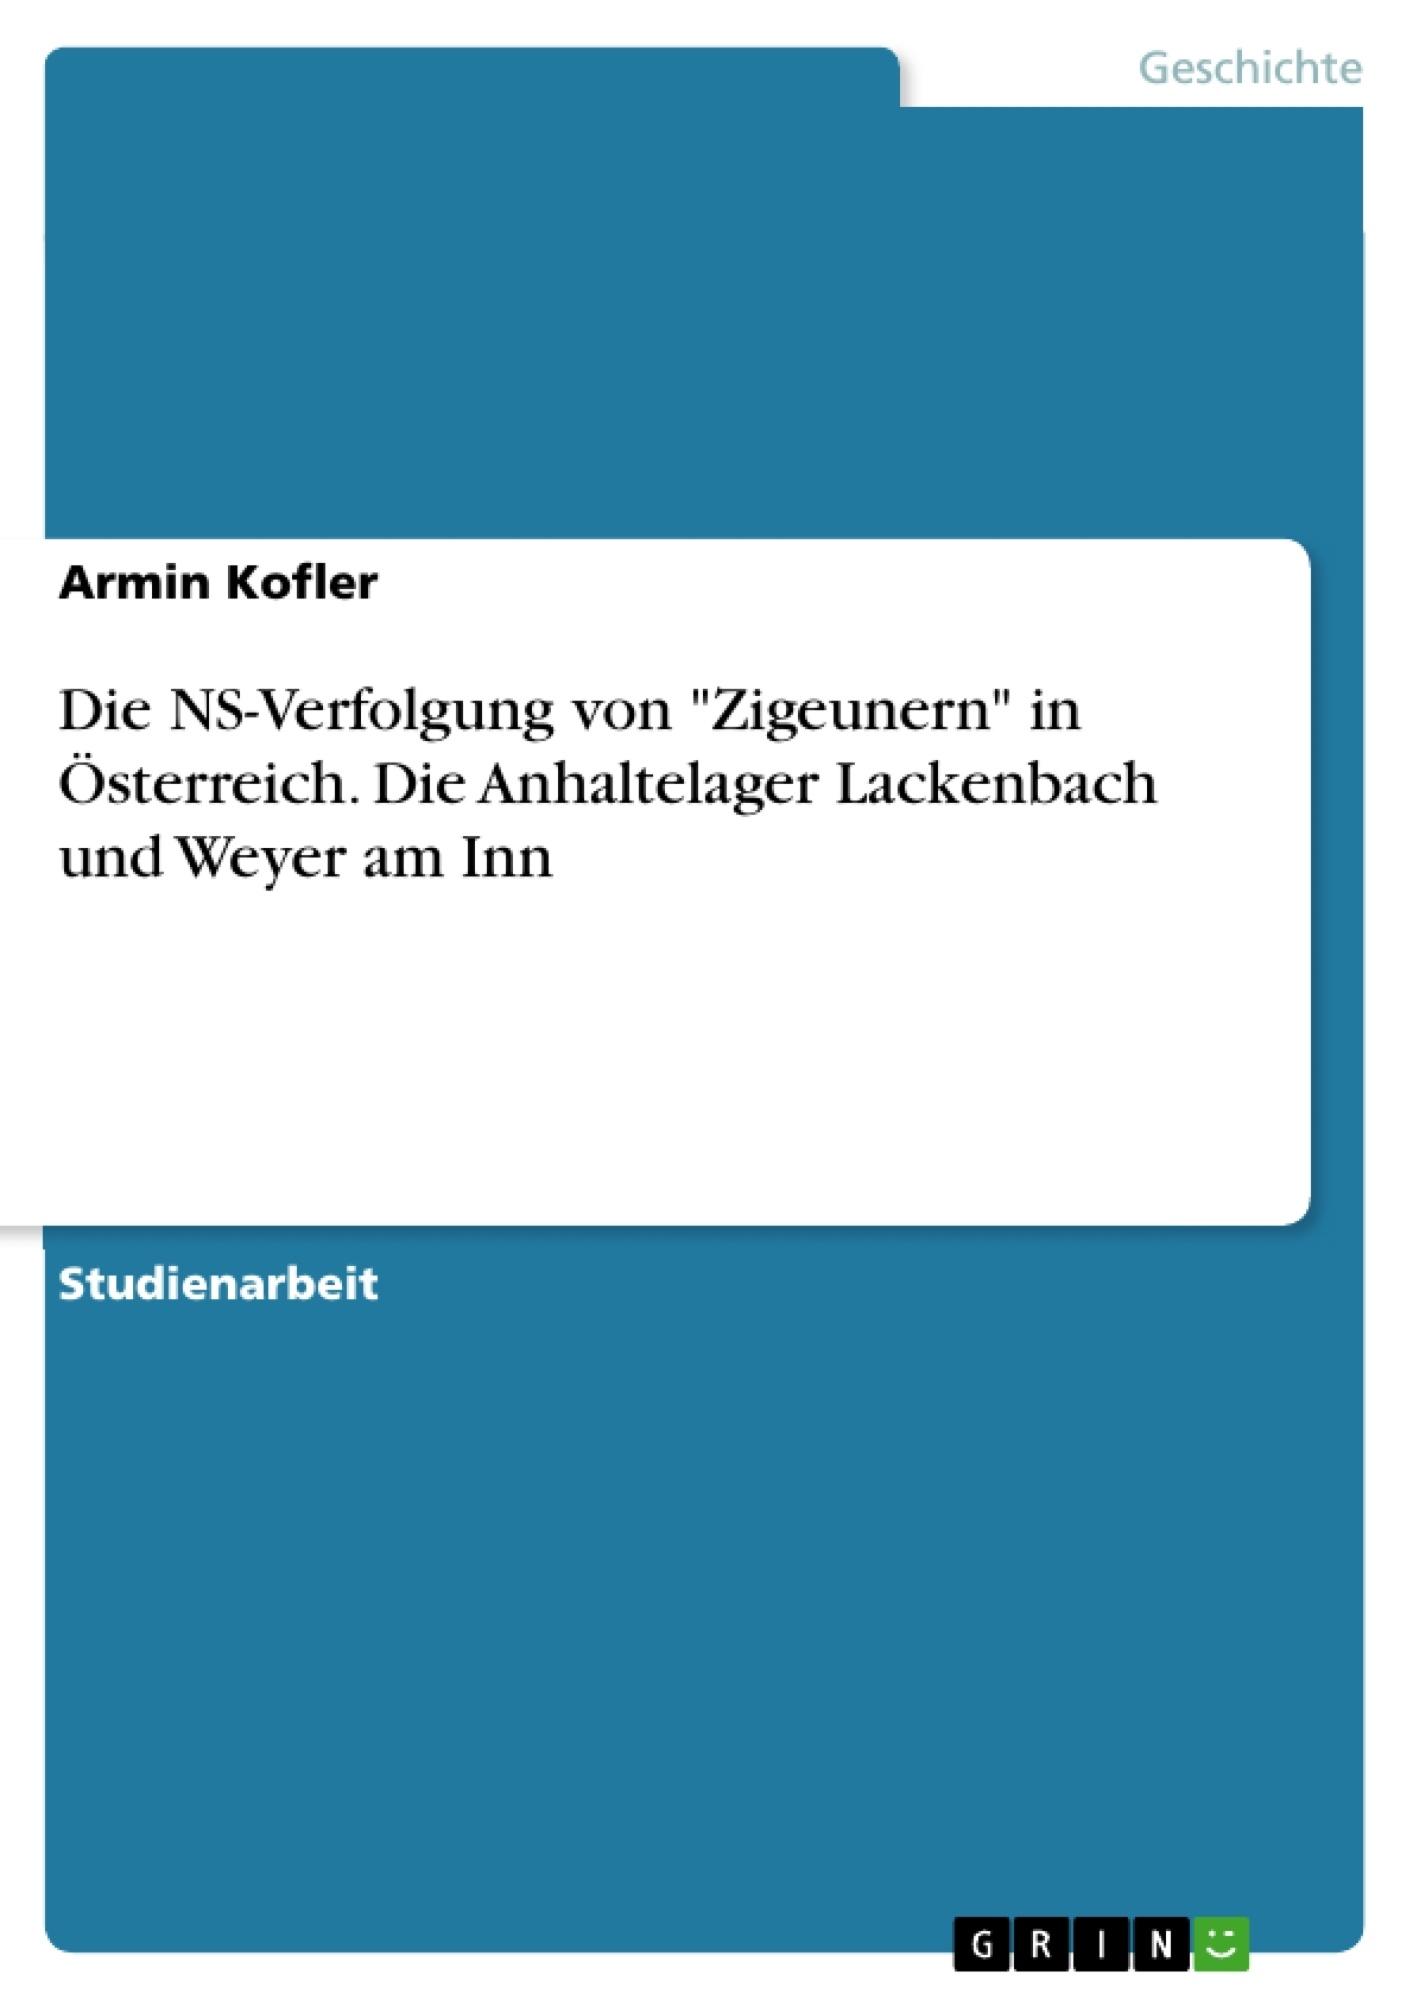 """Titel: Die NS-Verfolgung von """"Zigeunern"""" in Österreich. Die Anhaltelager Lackenbach und Weyer am Inn"""